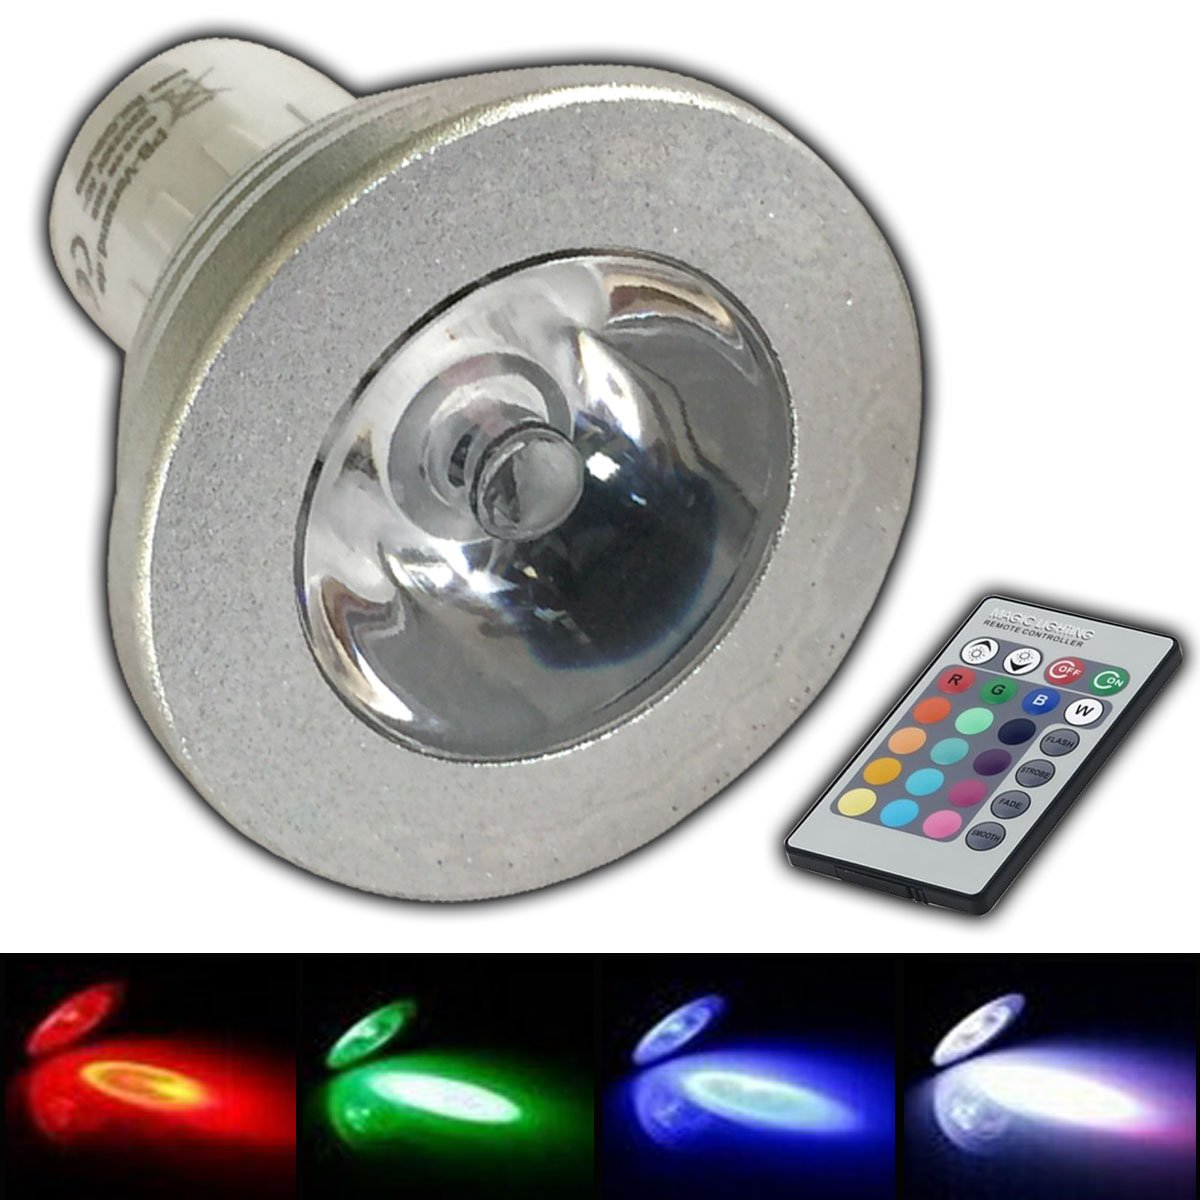 GU10 RGB LED - Farbwechsel Lampe 4 Watt mit Fernbedienung Farblicht ...